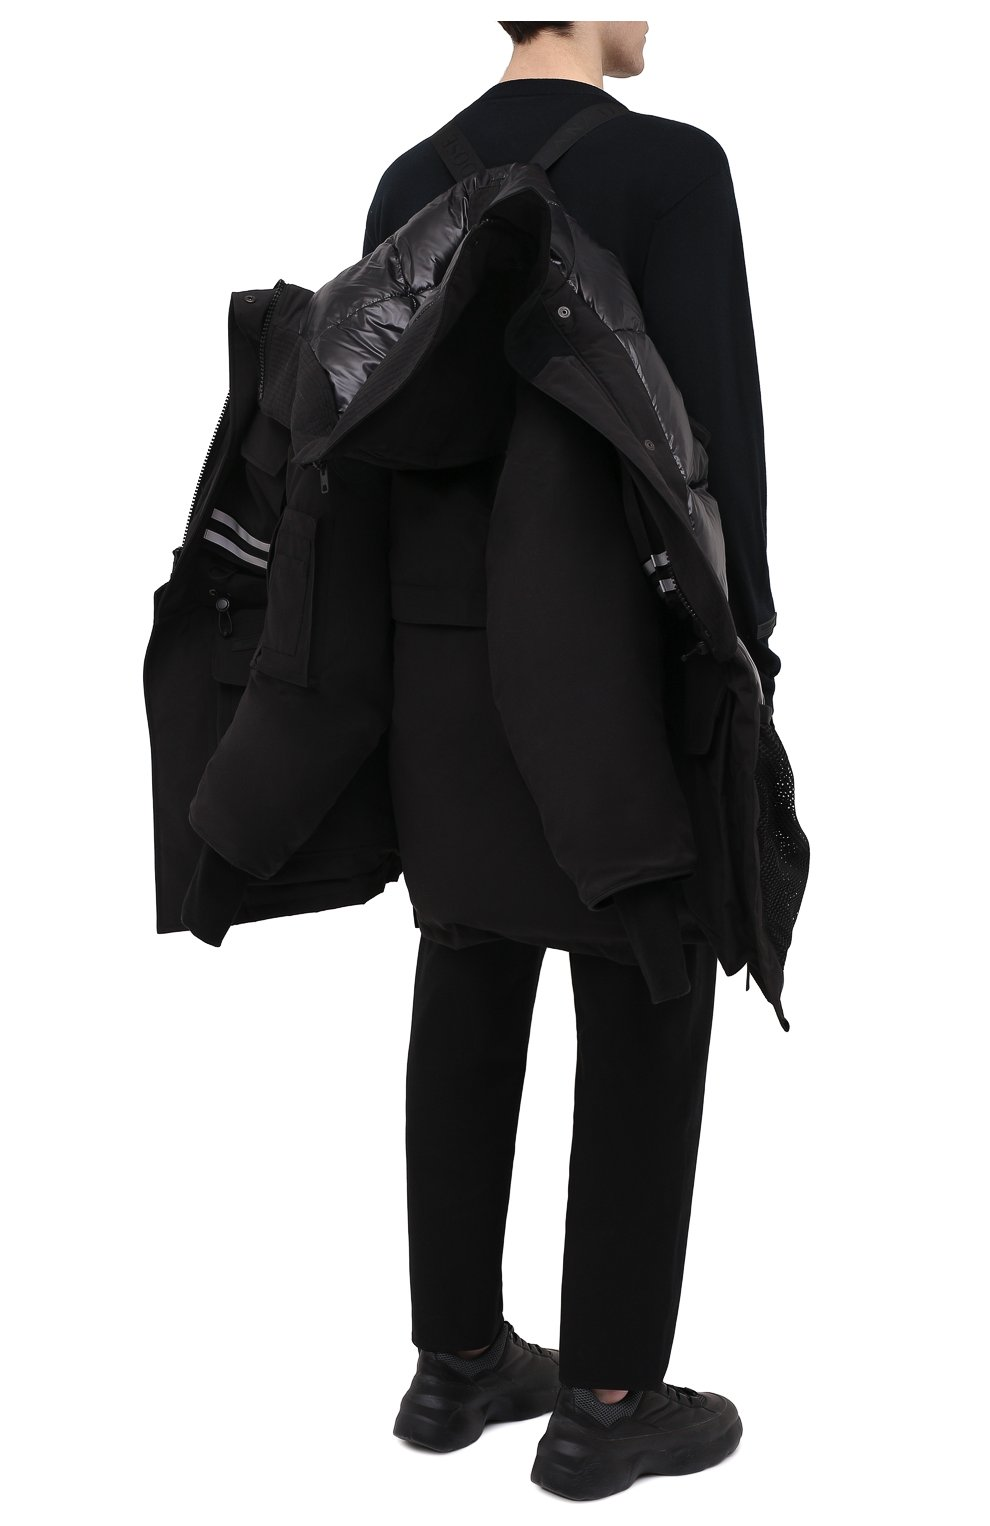 Мужская пуховая парка snow mantra CANADA GOOSE черного цвета, арт. 8800MC   Фото 6 (Кросс-КТ: Куртка; Мужское Кросс-КТ: пуховик-короткий; Рукава: Короткие; Материал внешний: Синтетический материал; Стили: Спорт-шик; Материал подклада: Синтетический материал)